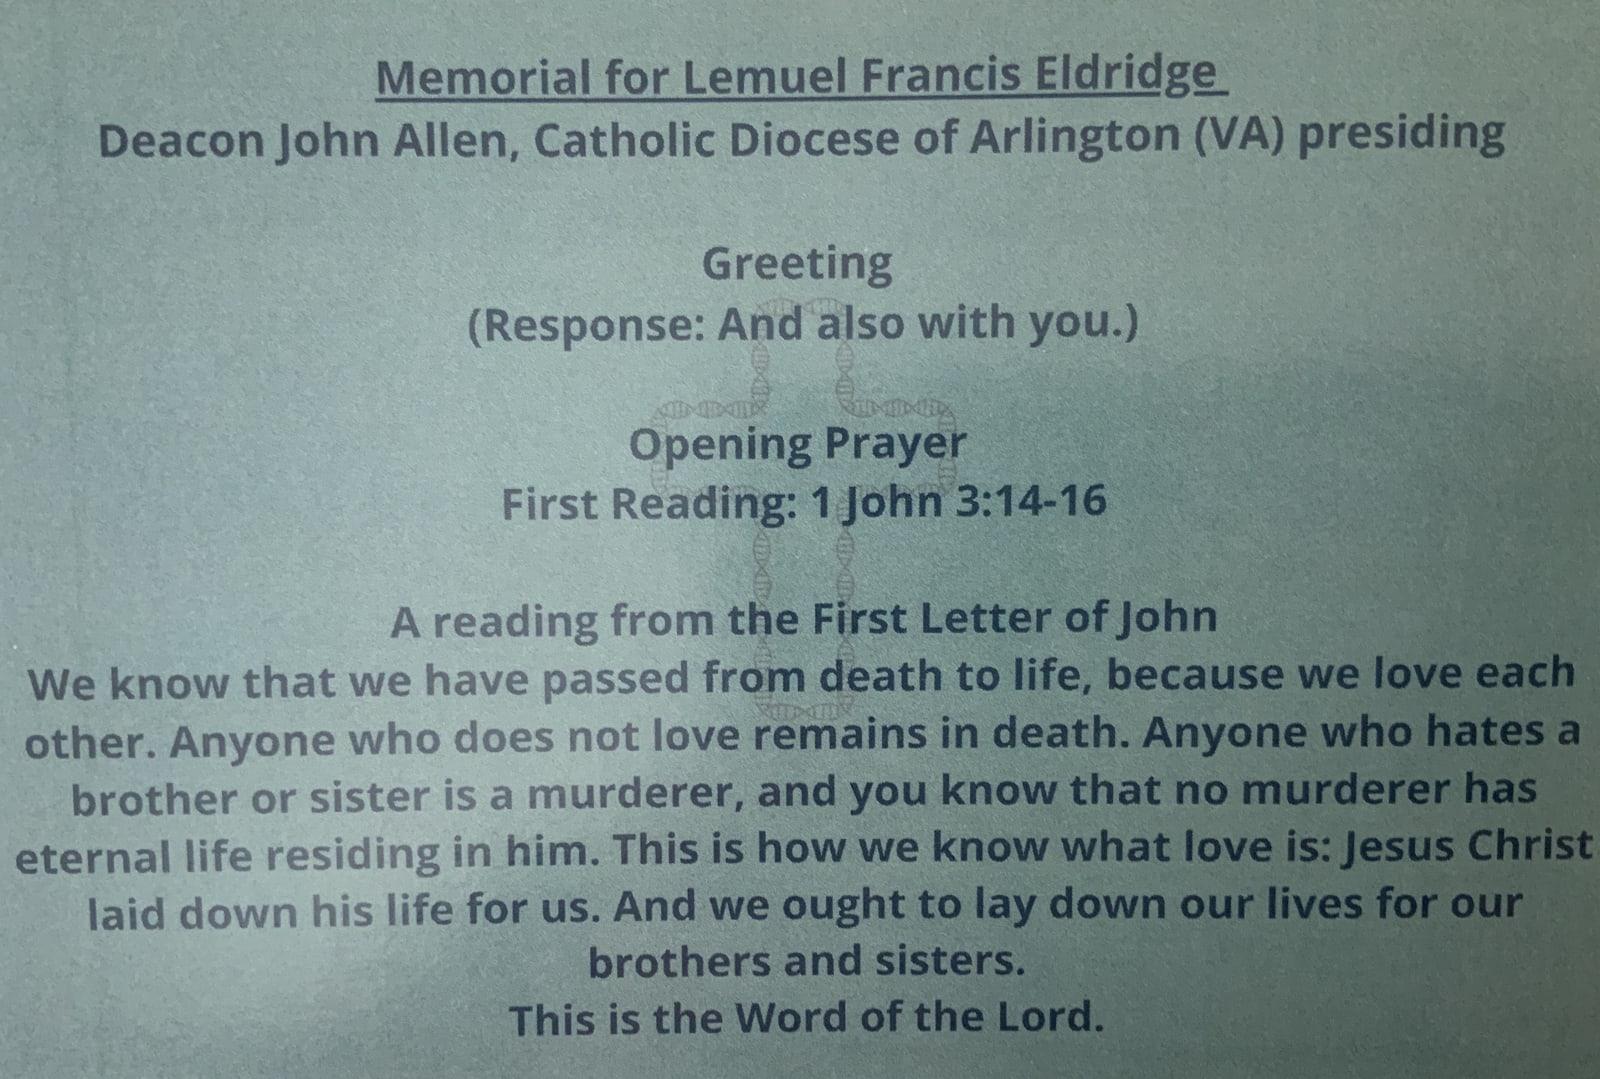 Memorial for Lem Eldridge